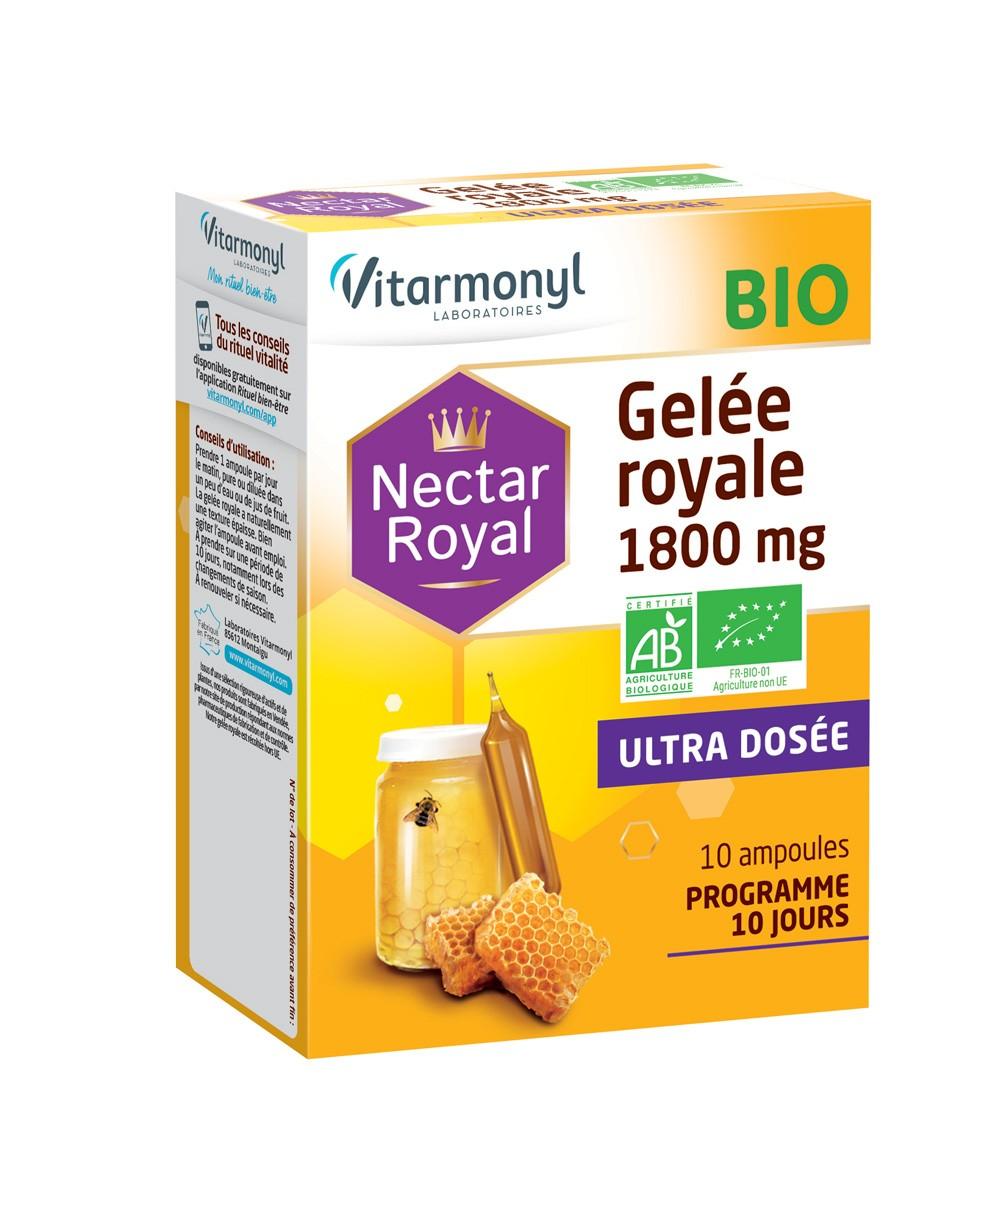 Gelée royale BIO 1800 mg